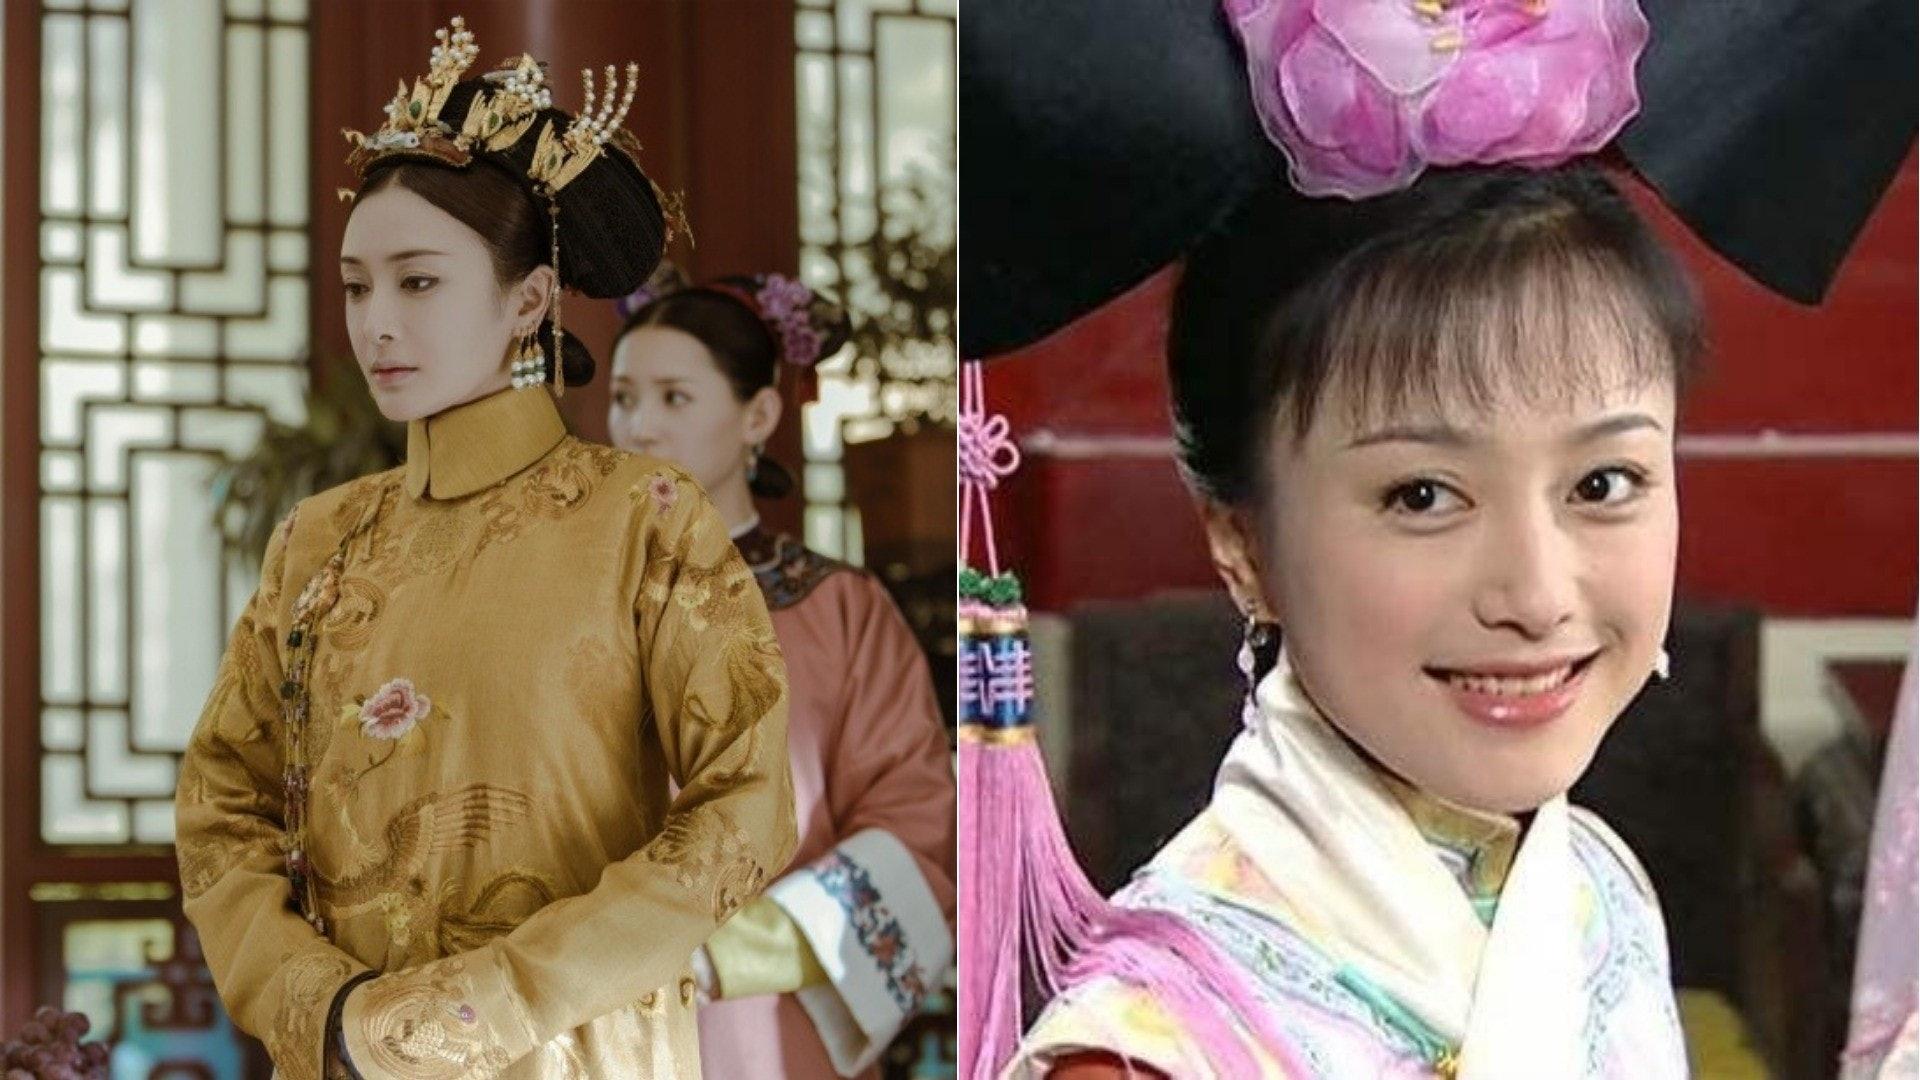 秦嵐因飾演《還珠格格3》的「知畫」一角被大眾熟悉,今次在《延禧攻略》中扮演一代賢后富察皇后,與乾隆譜寫戀曲。(網絡圖片)